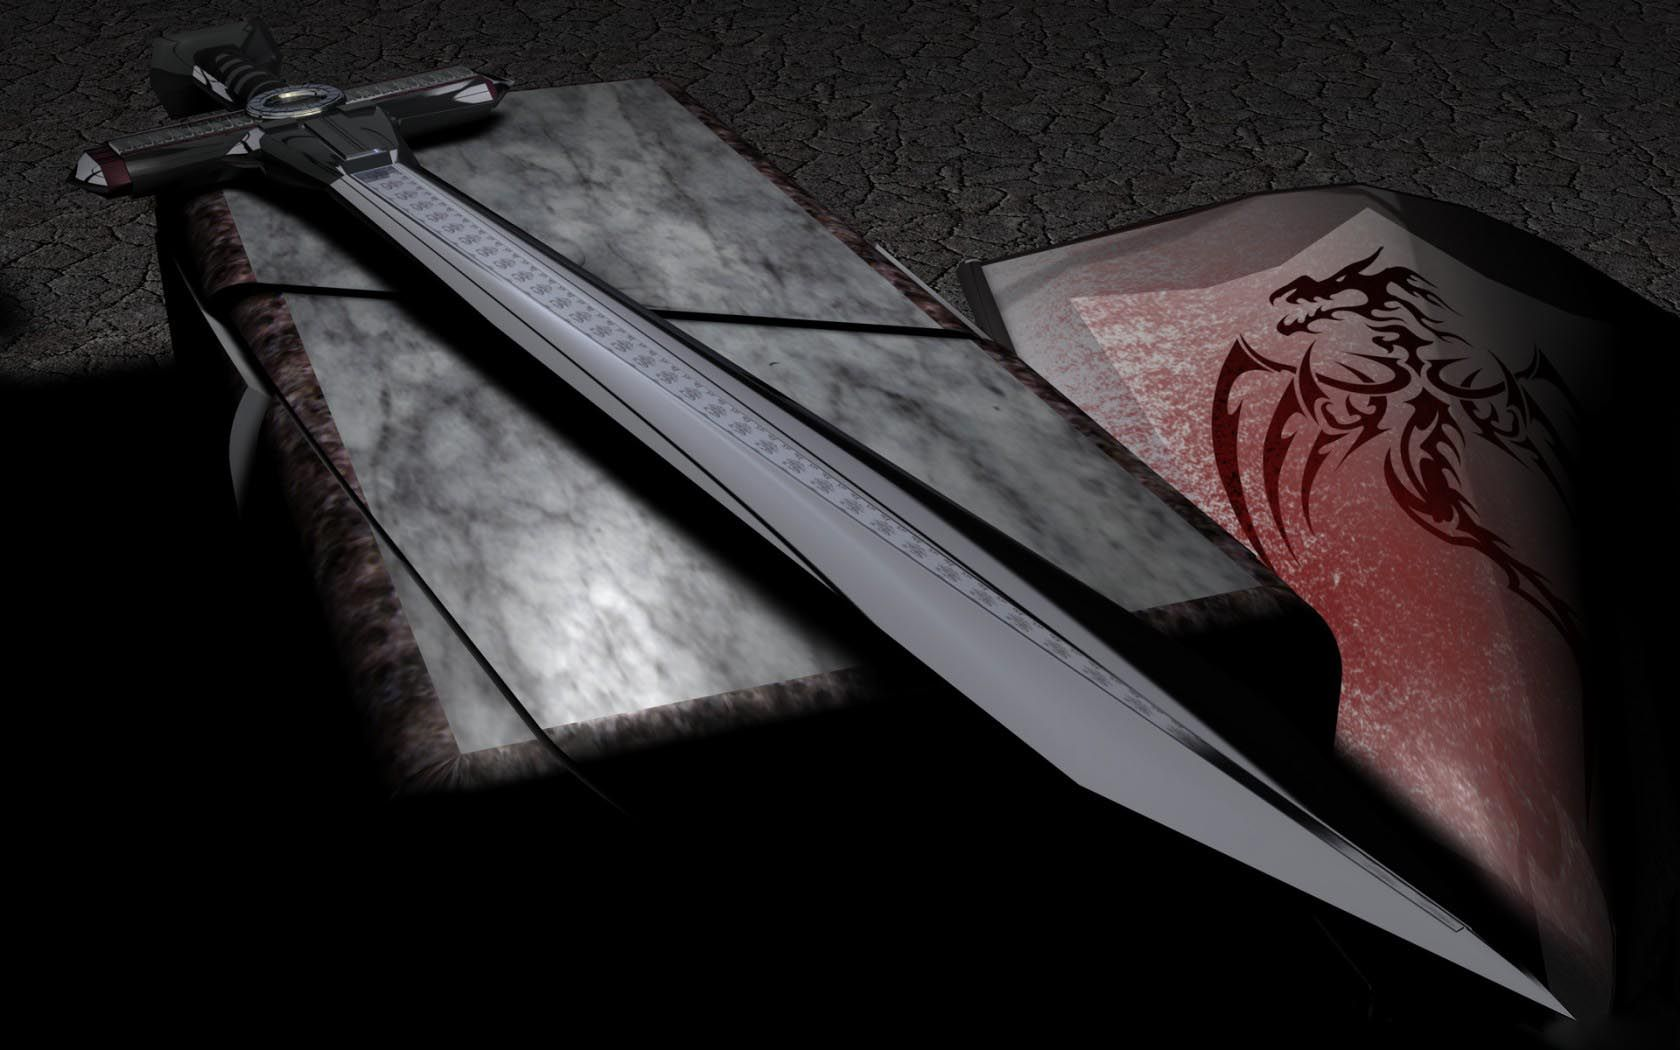 sword desktop wallpapers | download wallpaper | pinterest | hd